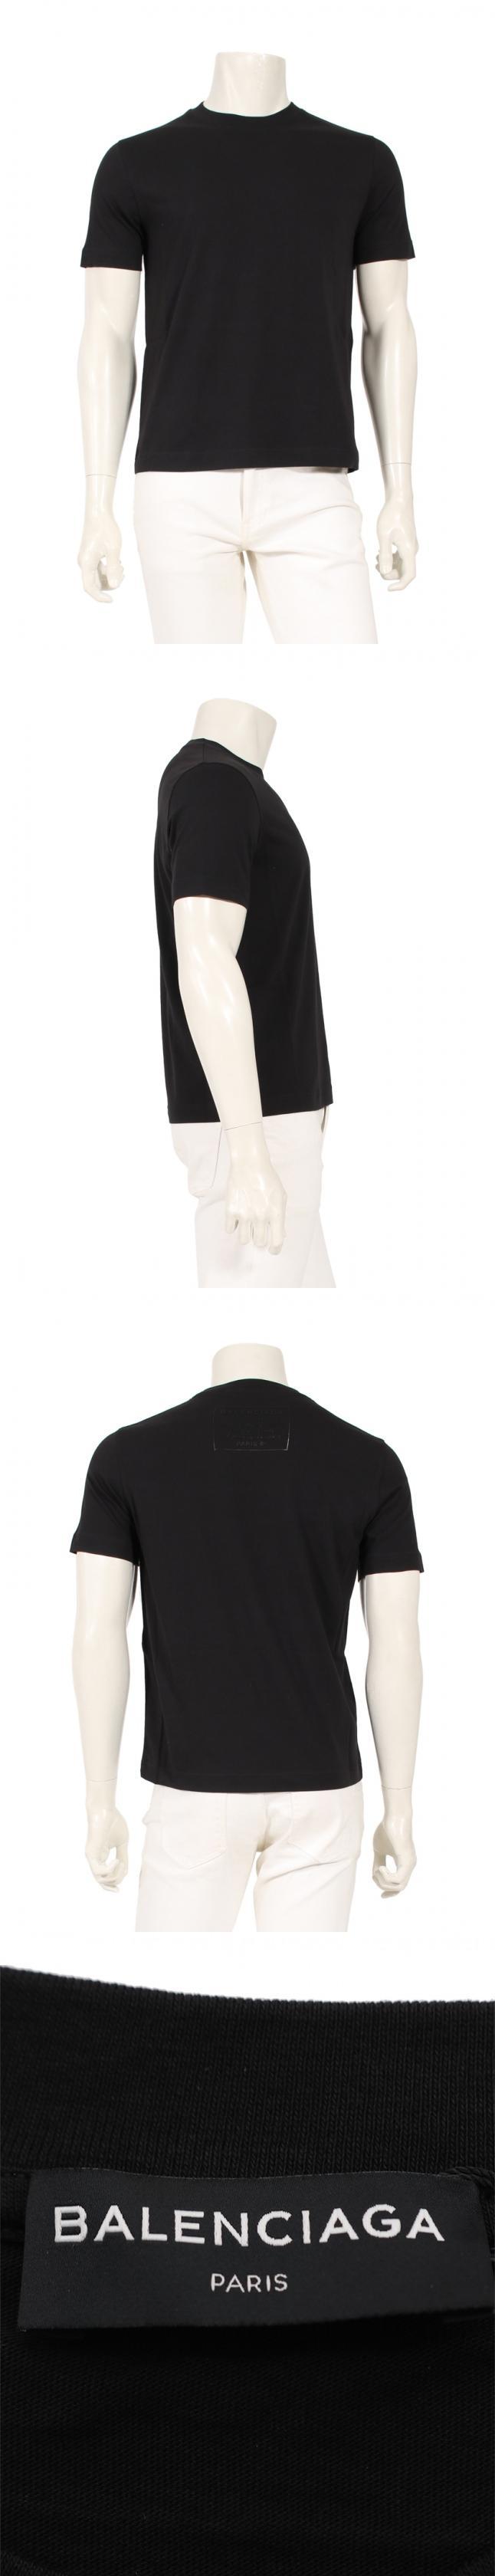 カットソー Tシャツ 黒 S トップス 半袖 496053 コットン